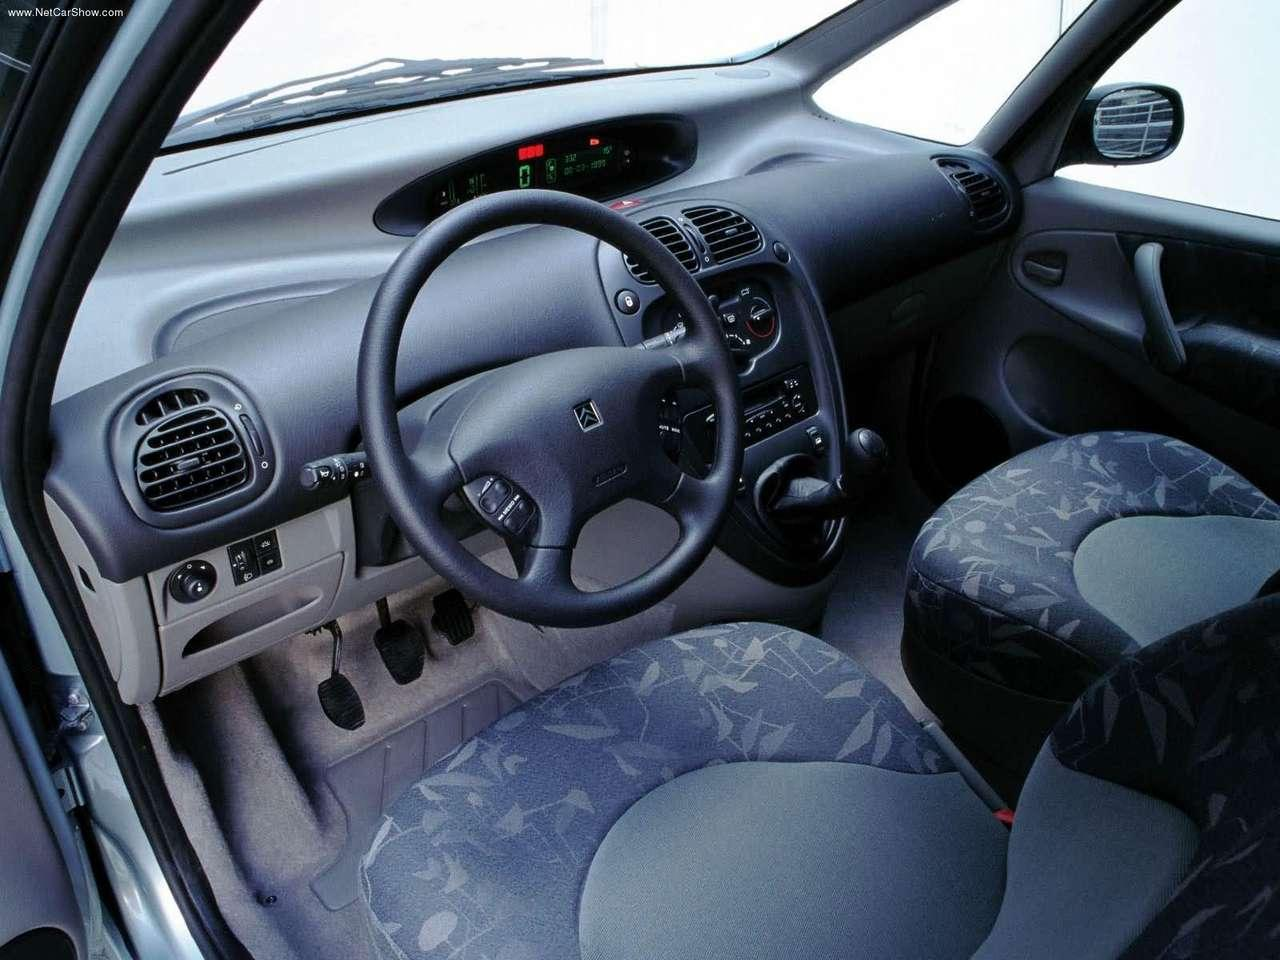 Citroen Xsara Picasso 1999 - 2012 Compact MPV #3